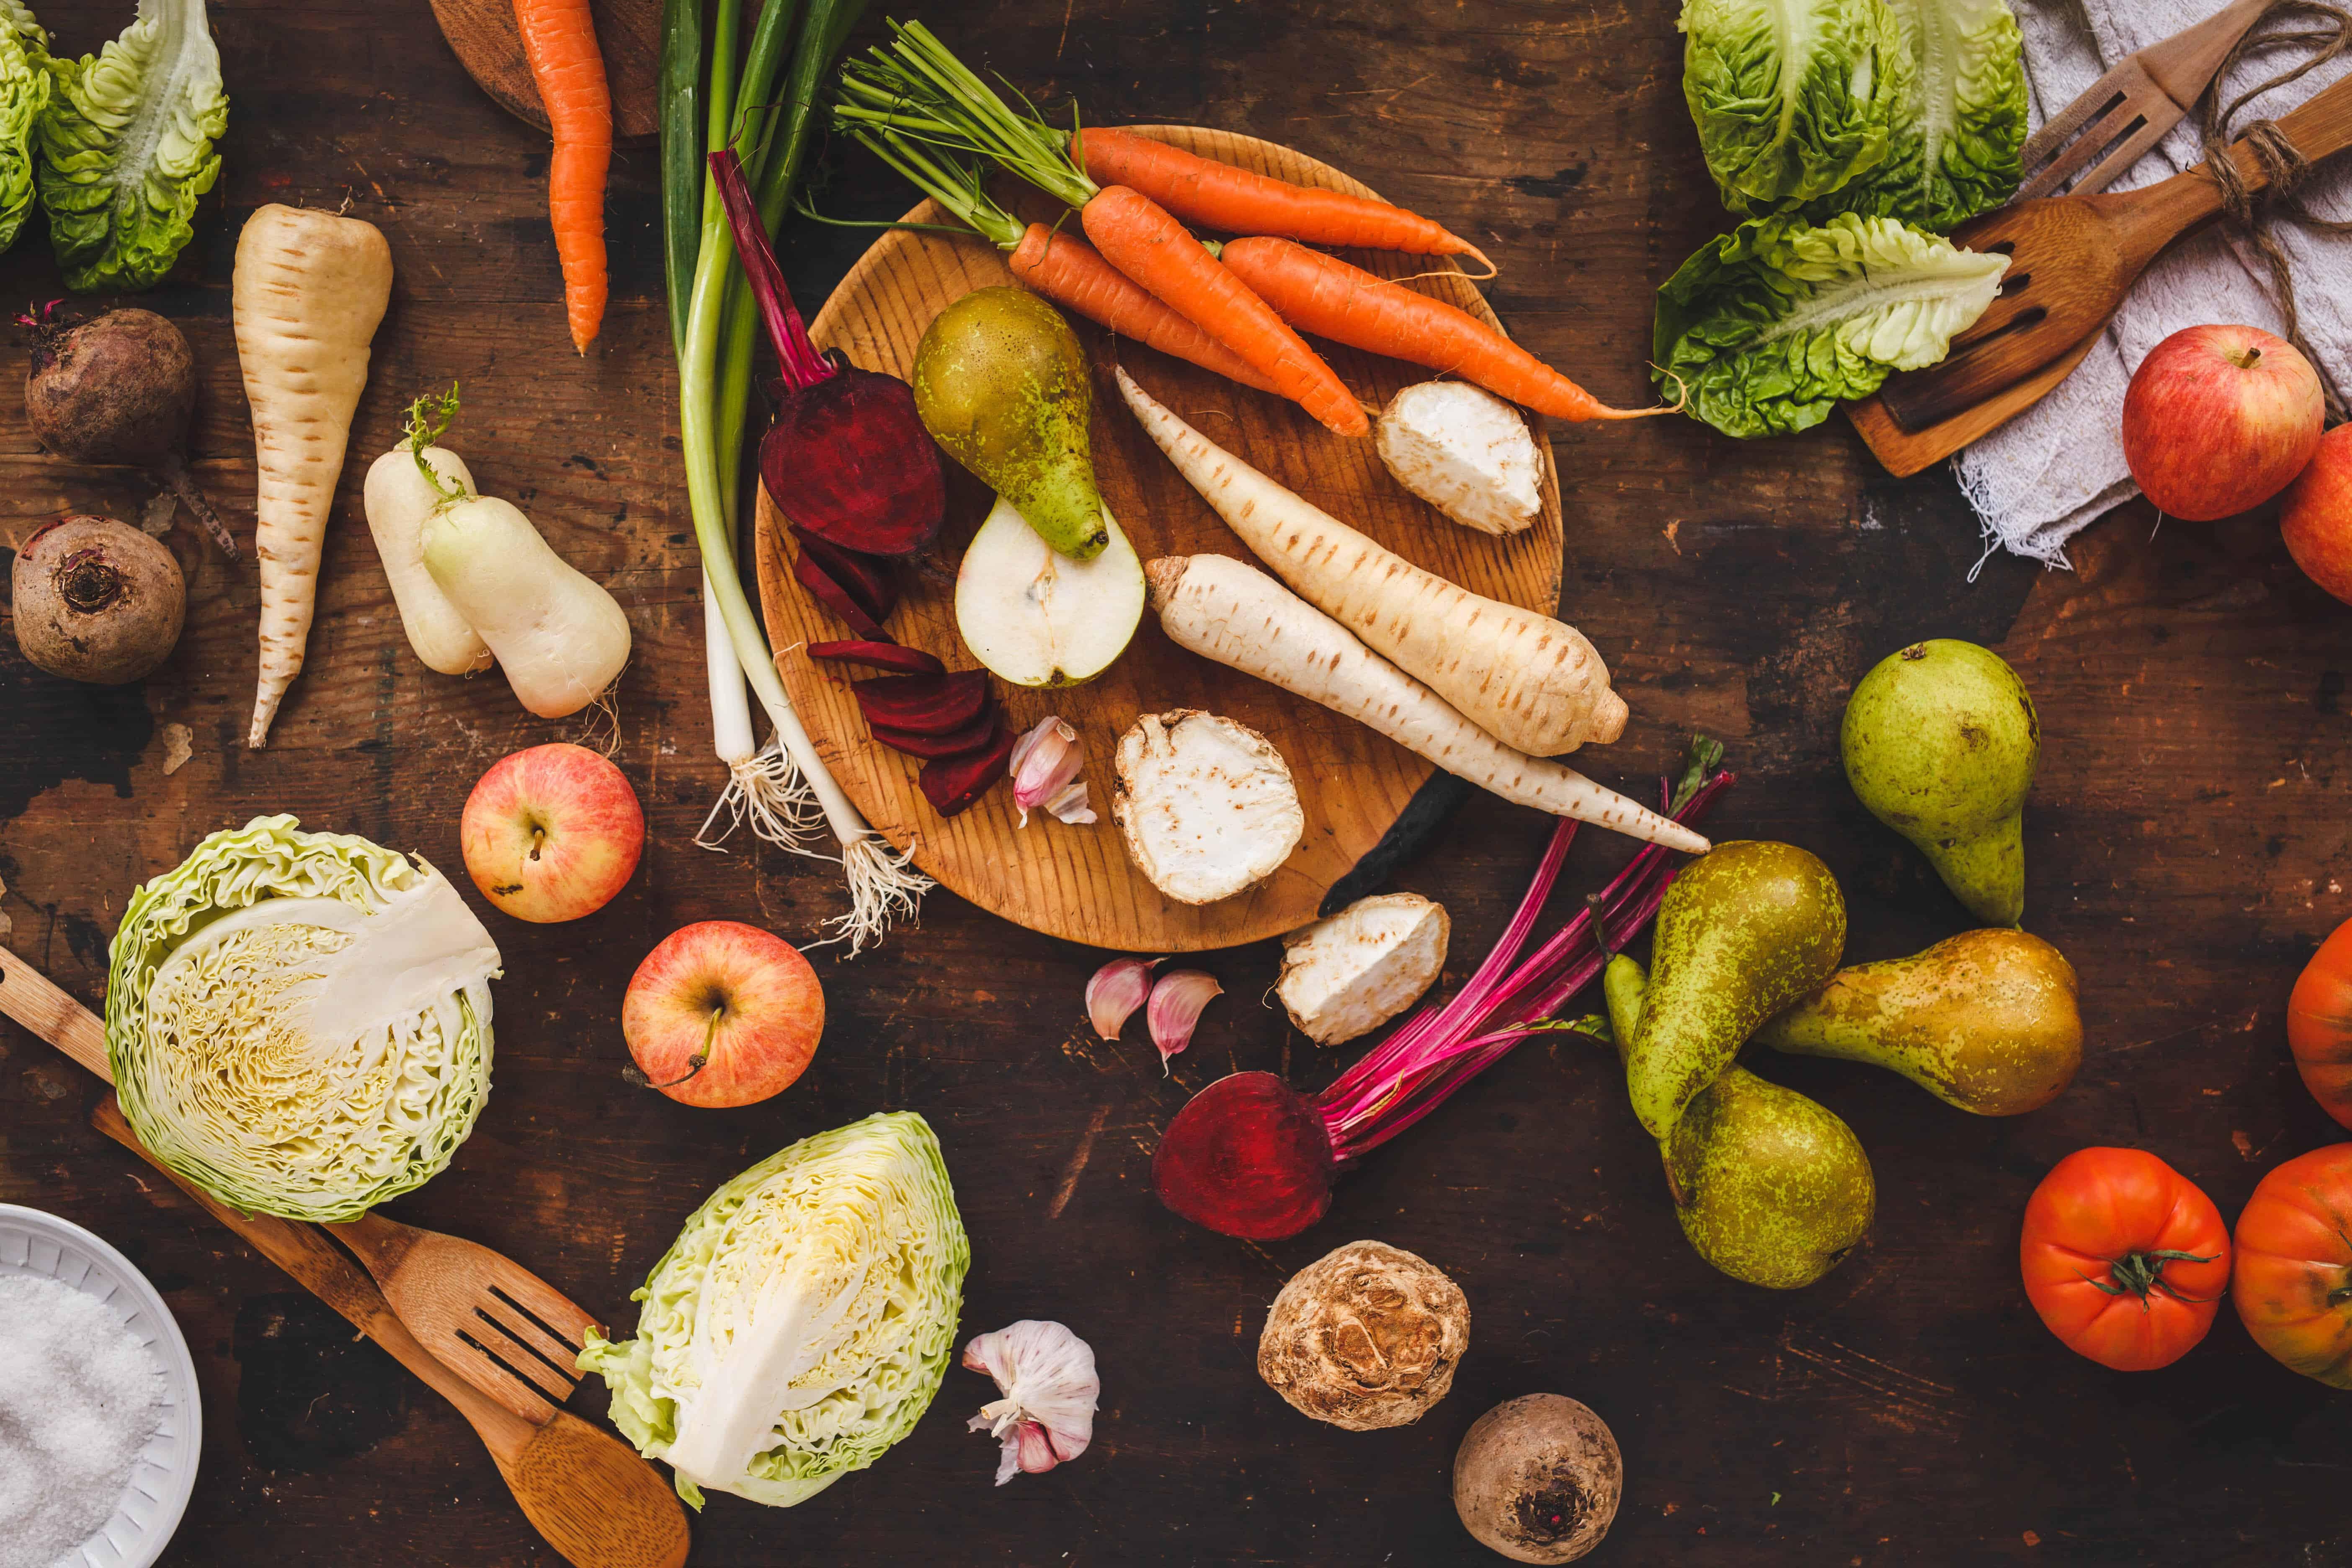 Počuli ste už o januárovej výzve Veganuary?